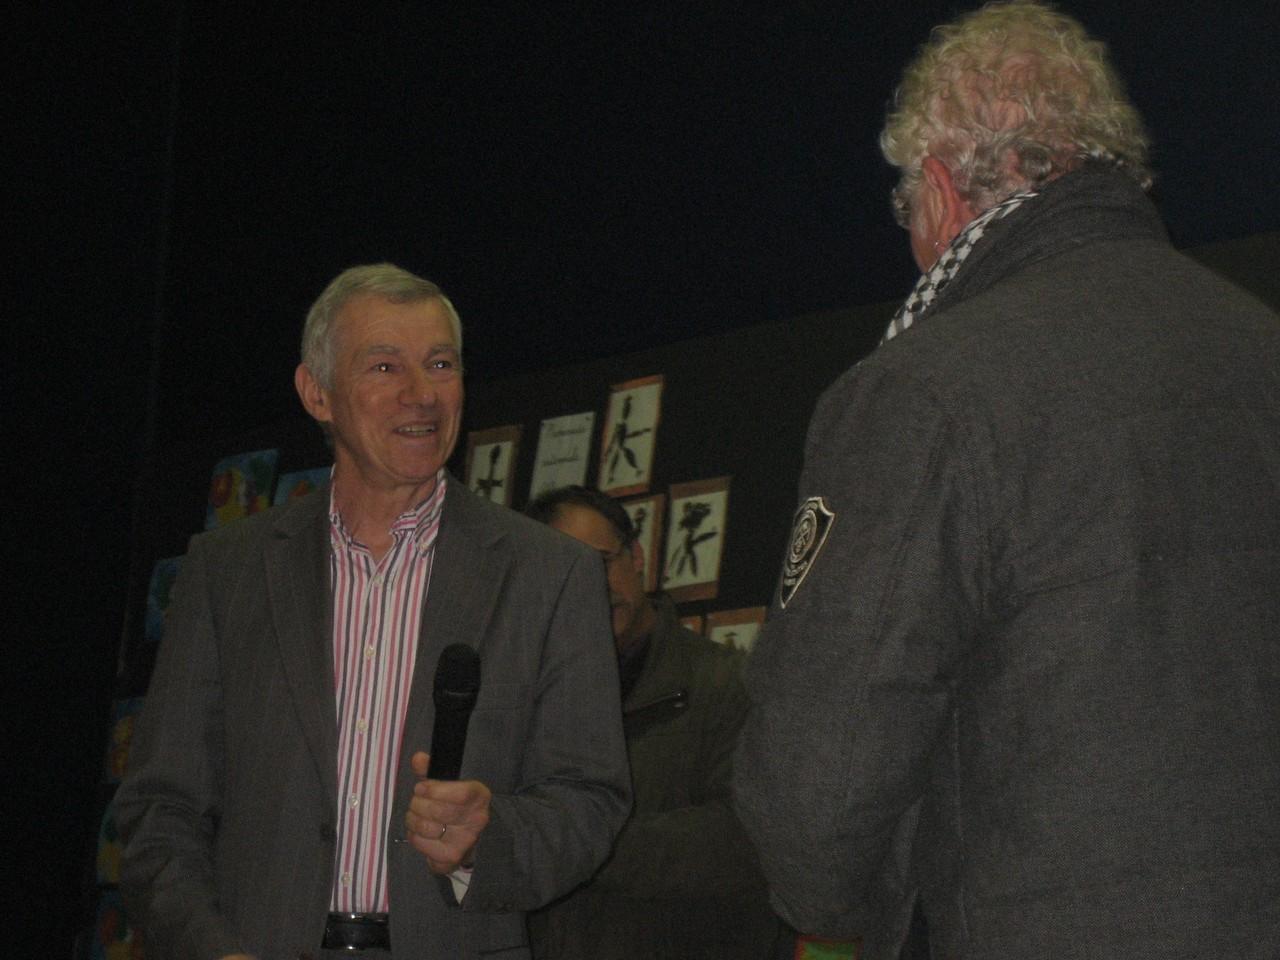 Monsieur Blondelle, président de la Communauté de Communes remet le prix de l'Assemblée Nationale à M. Dewaele